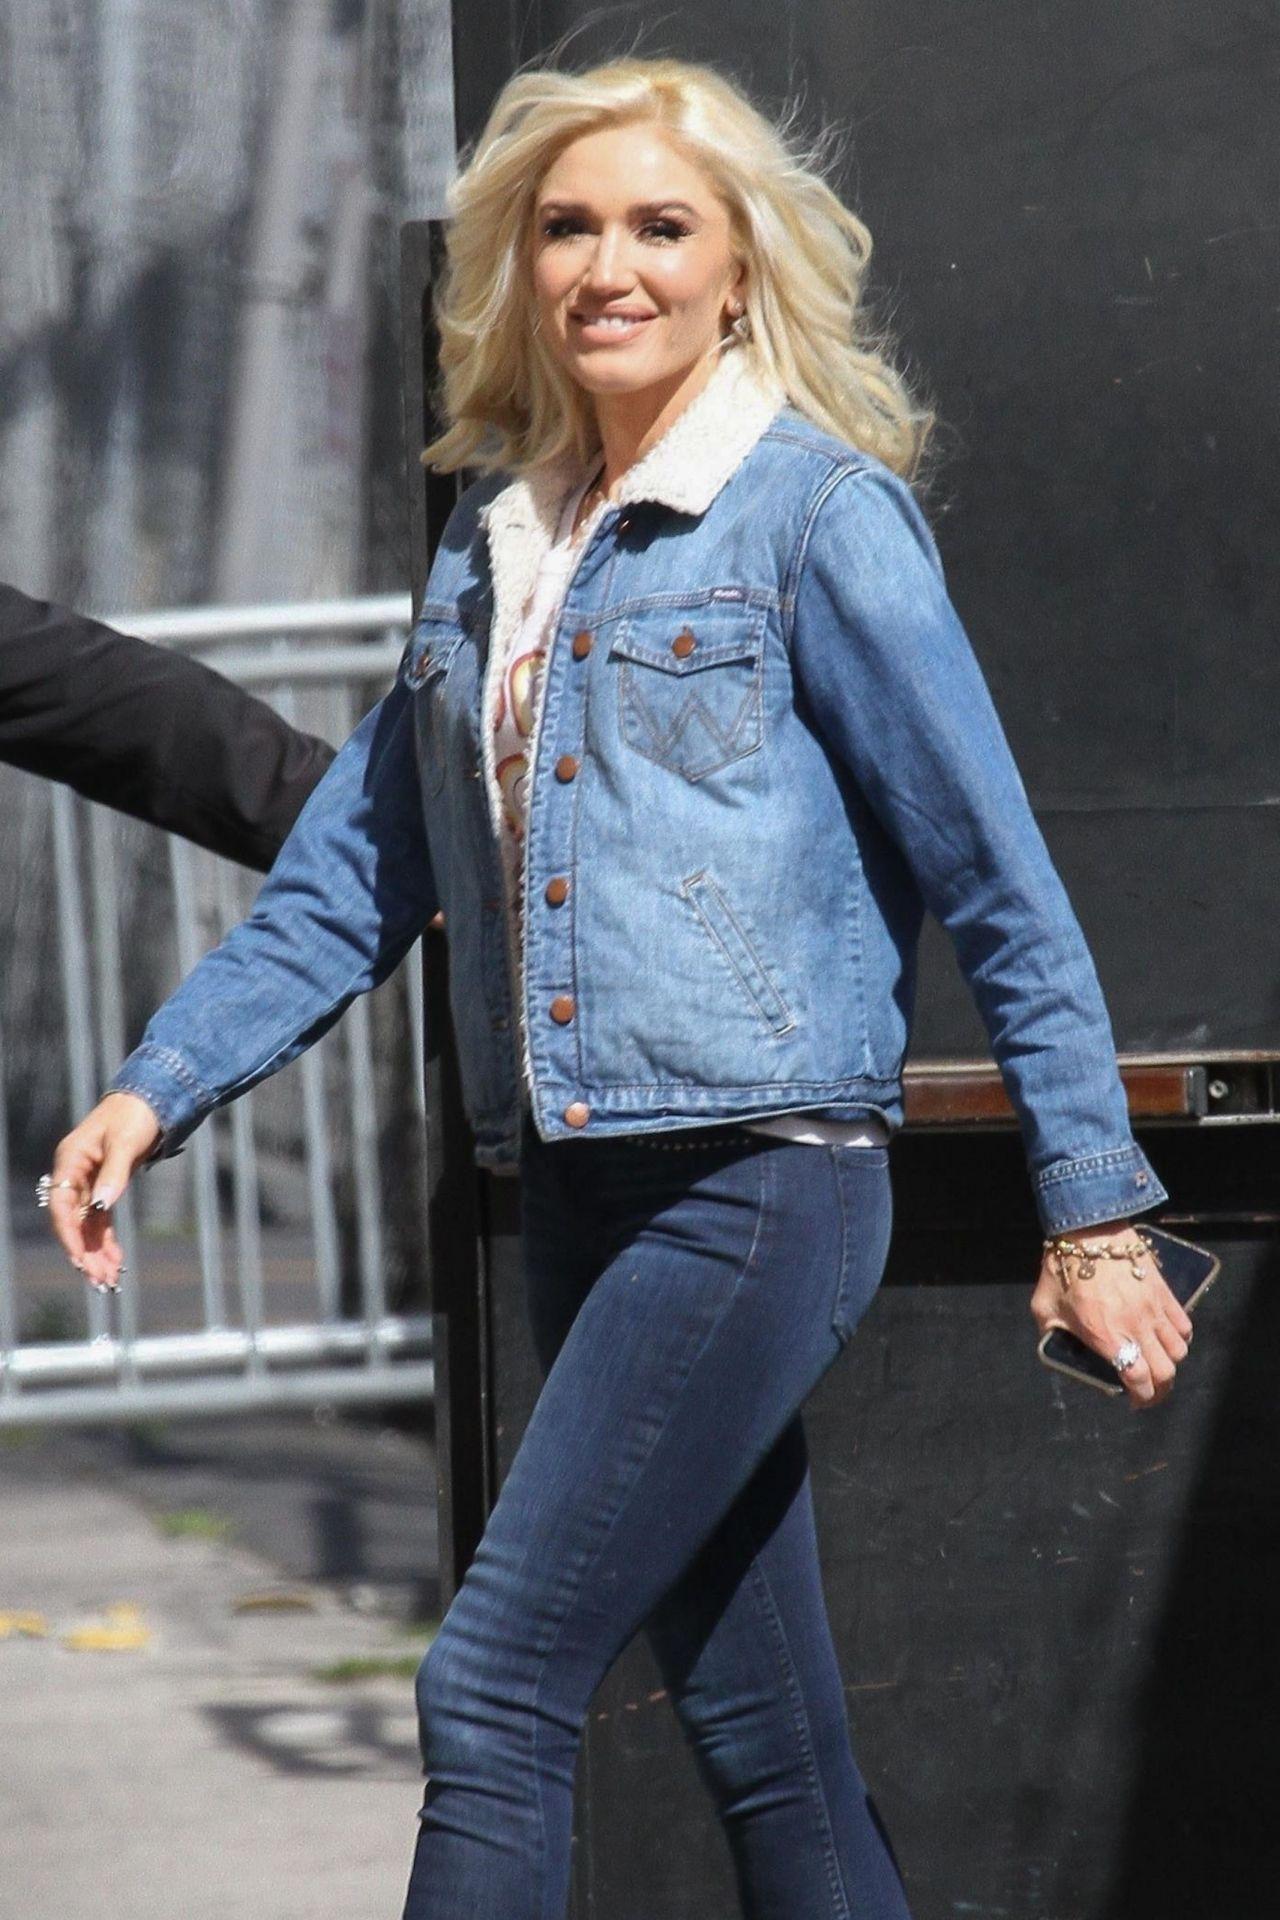 Gwen Stefani Latest Photos - CelebMafia Gwen Stefani